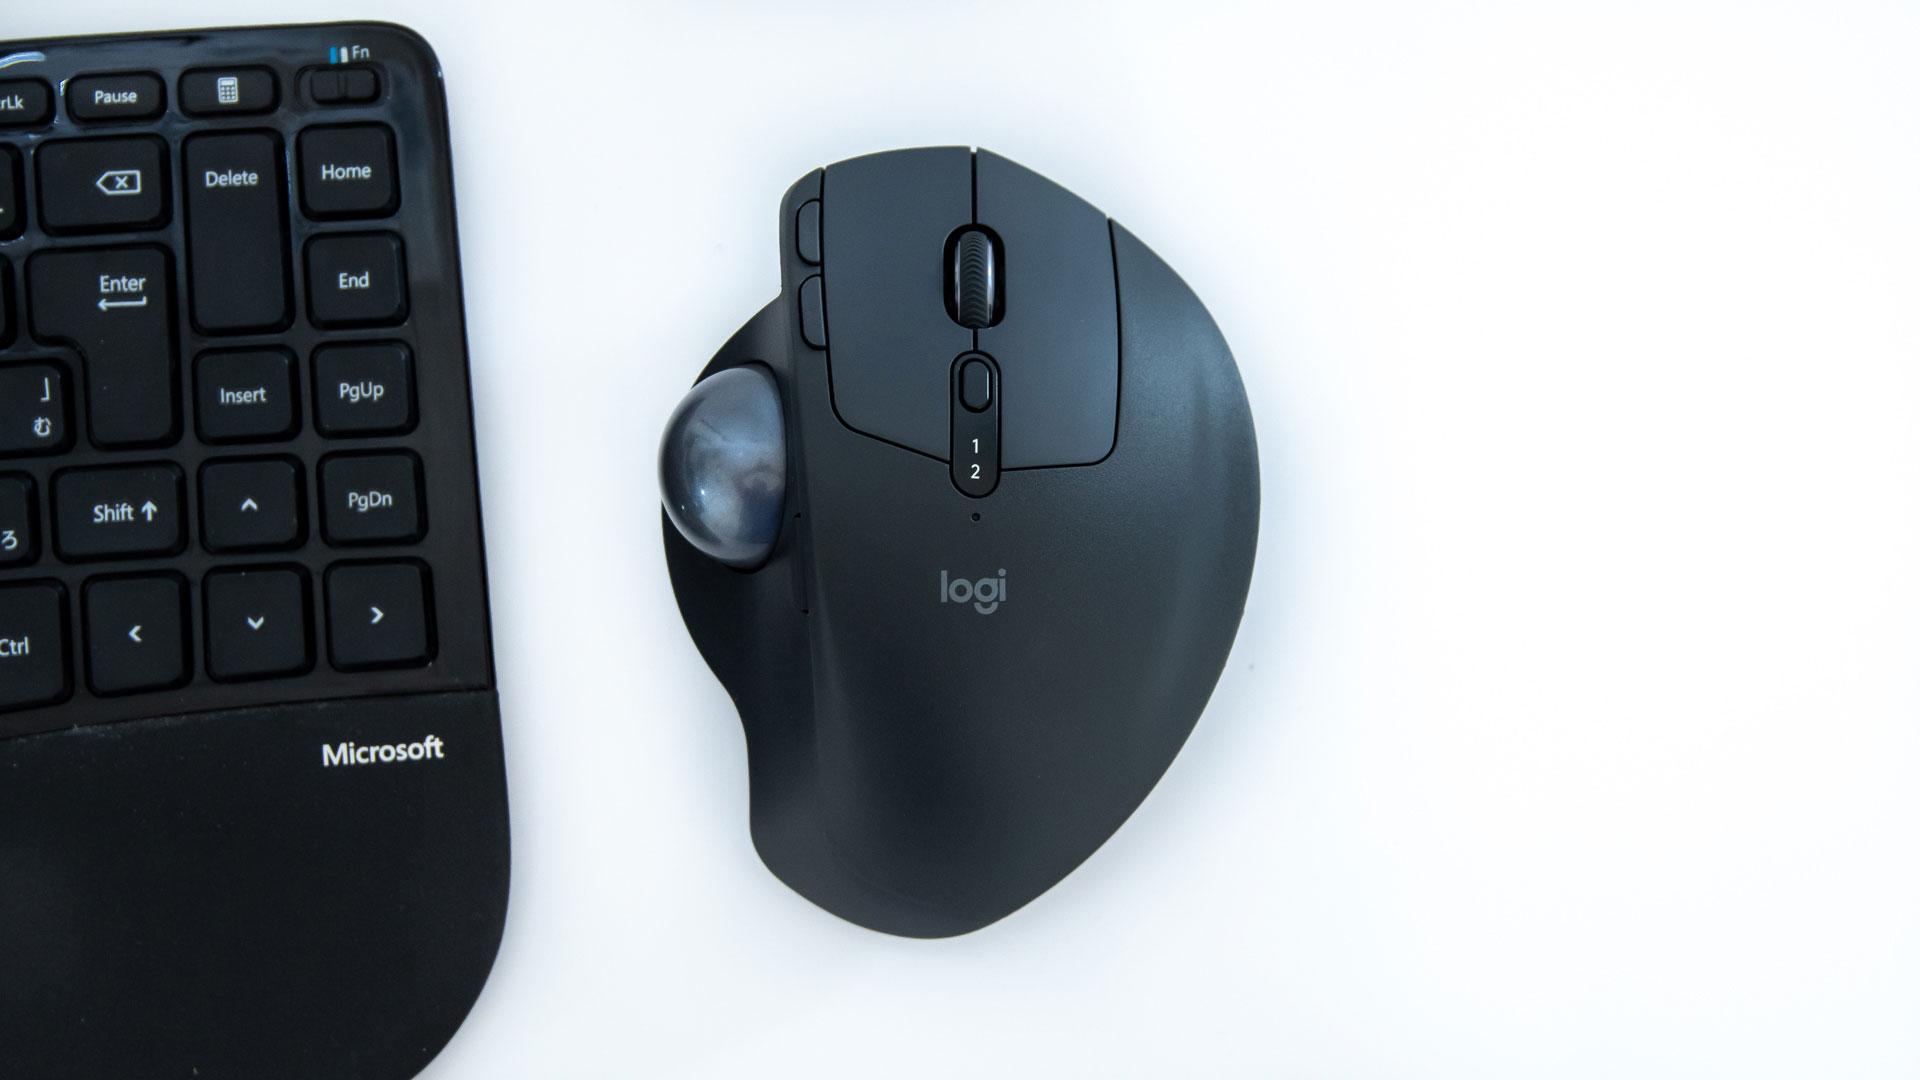 Logicoolのトラックボールマウス「MX ERGO」レビュー!機能性と快適性を兼ね備えた最強マウスだったわ